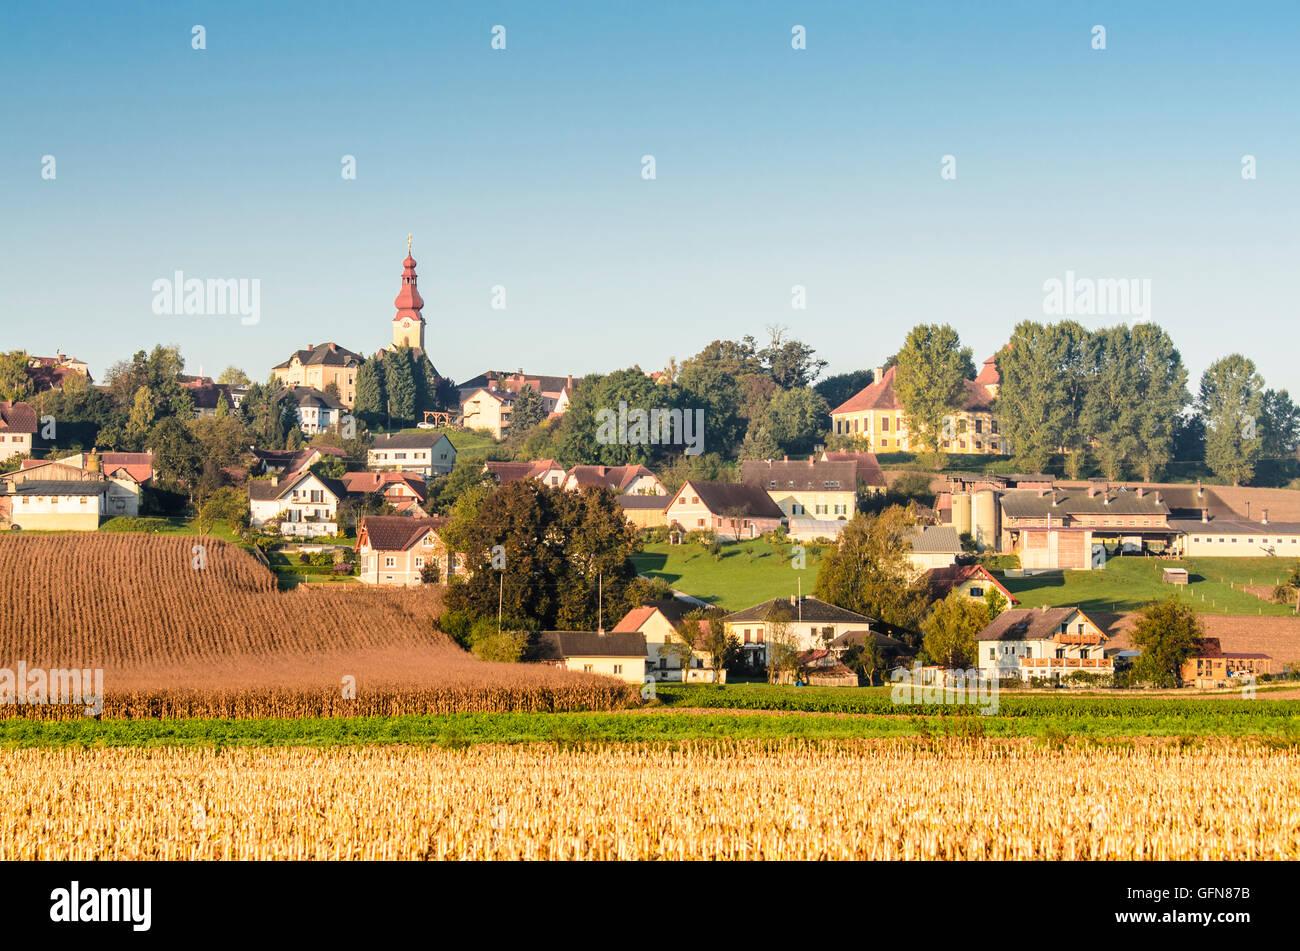 Kirchberg an der Raab: church St. Florian and Schloss Unterkirchberg, Austria, Steiermark, Styria, Steirisches Thermenland - Stock Image